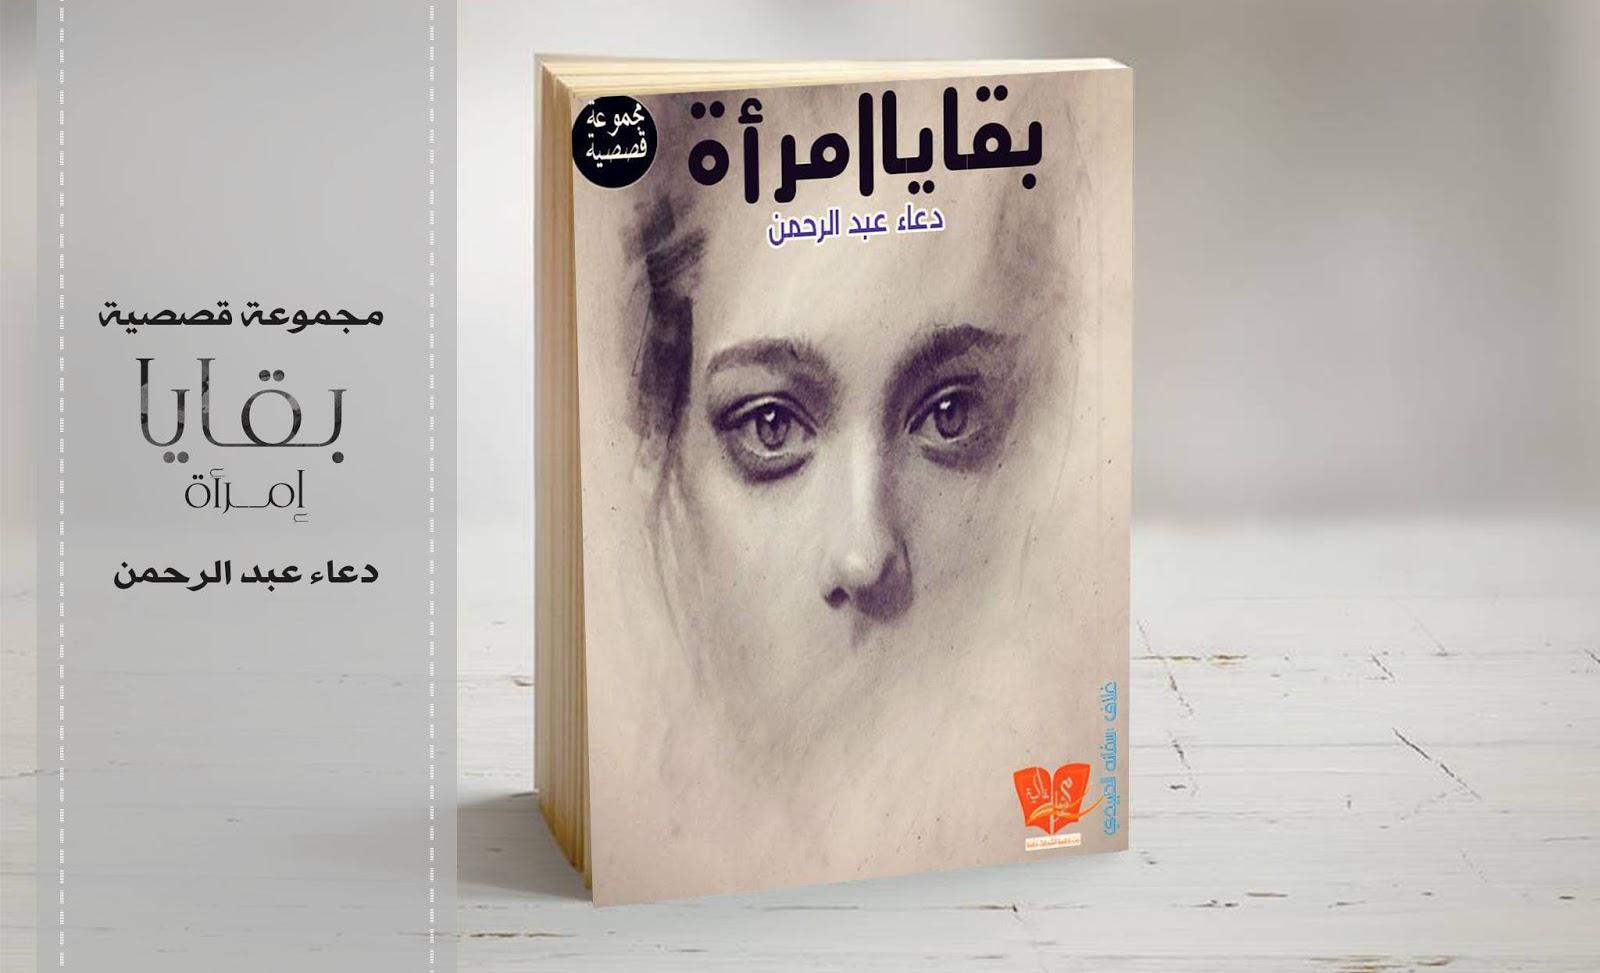 صور روايات دعاء عبد الرحمن , اشهر مؤلفات دعاء عبد الرحمن